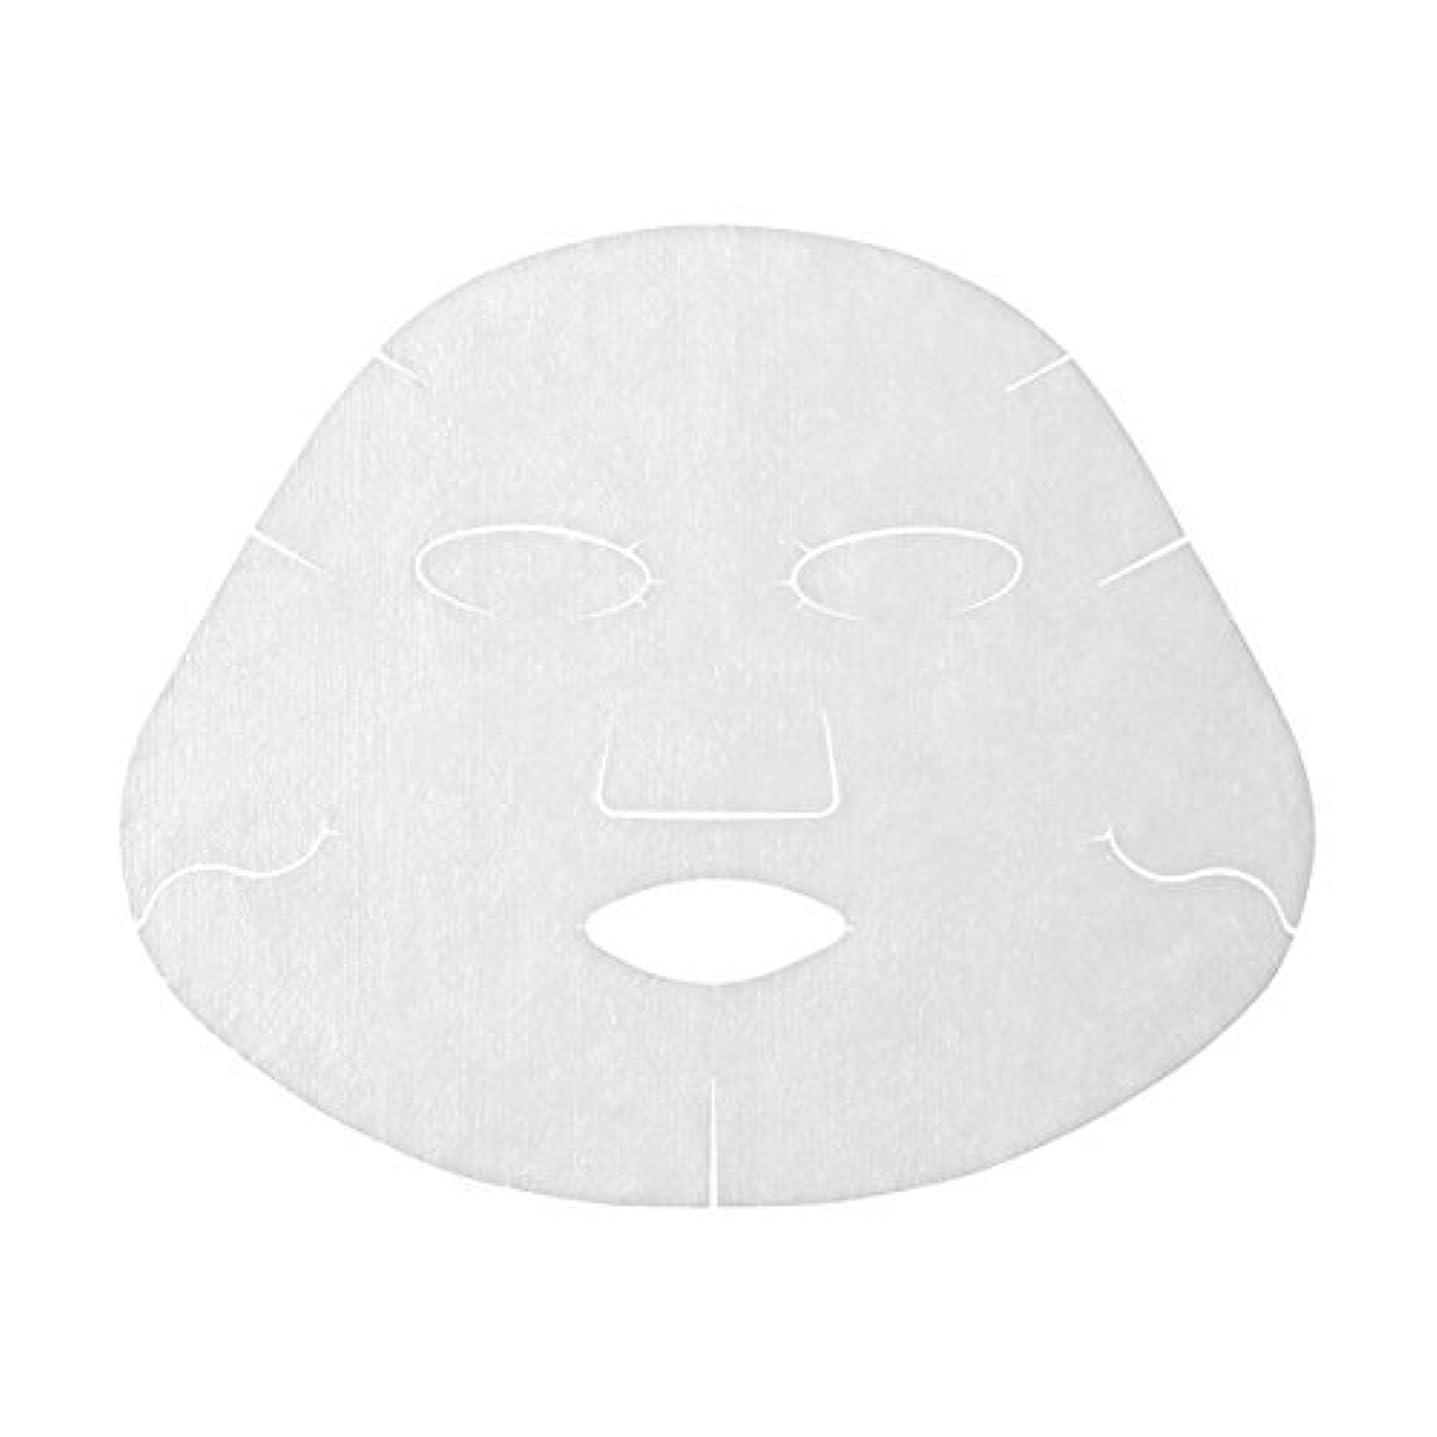 ピボットチーズセクタアクアレーベル リセットホワイトマスク <1枚入り> 18mL×1枚×3個